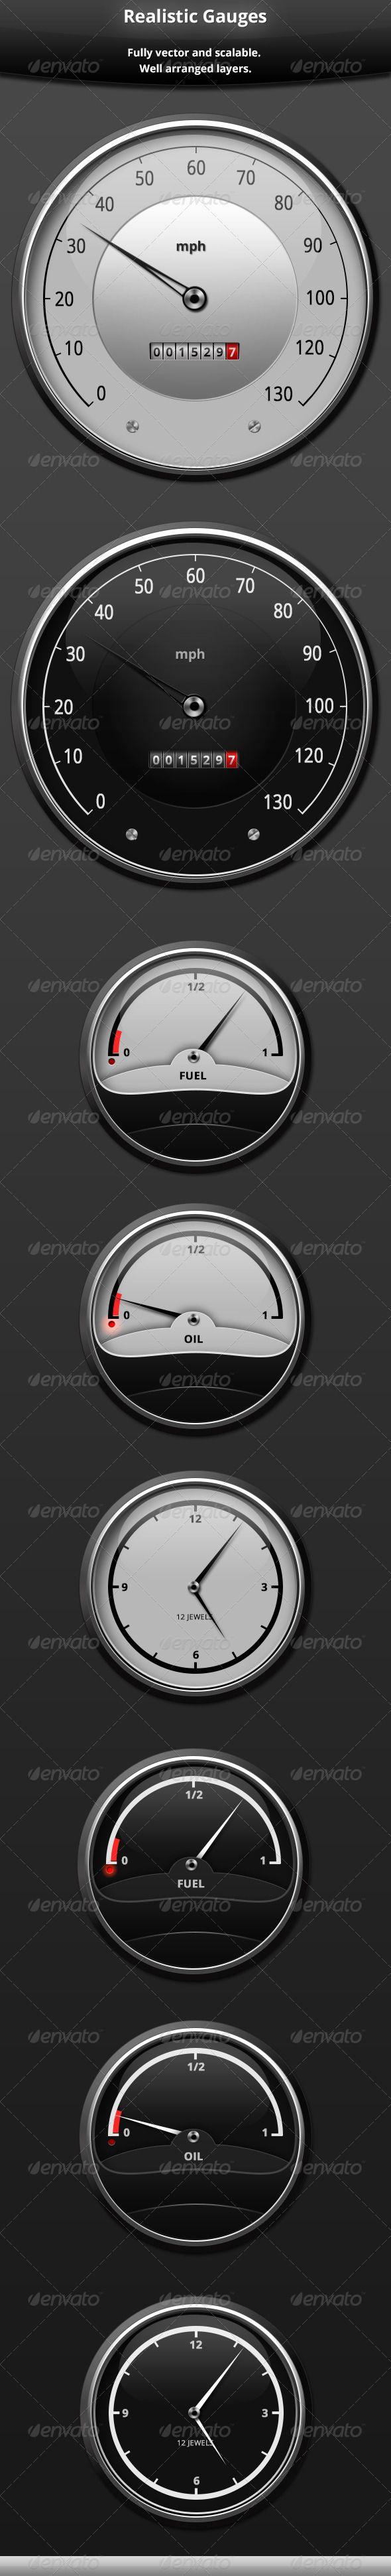 Realistic Gauges Car Gauges Car Clock Gauges